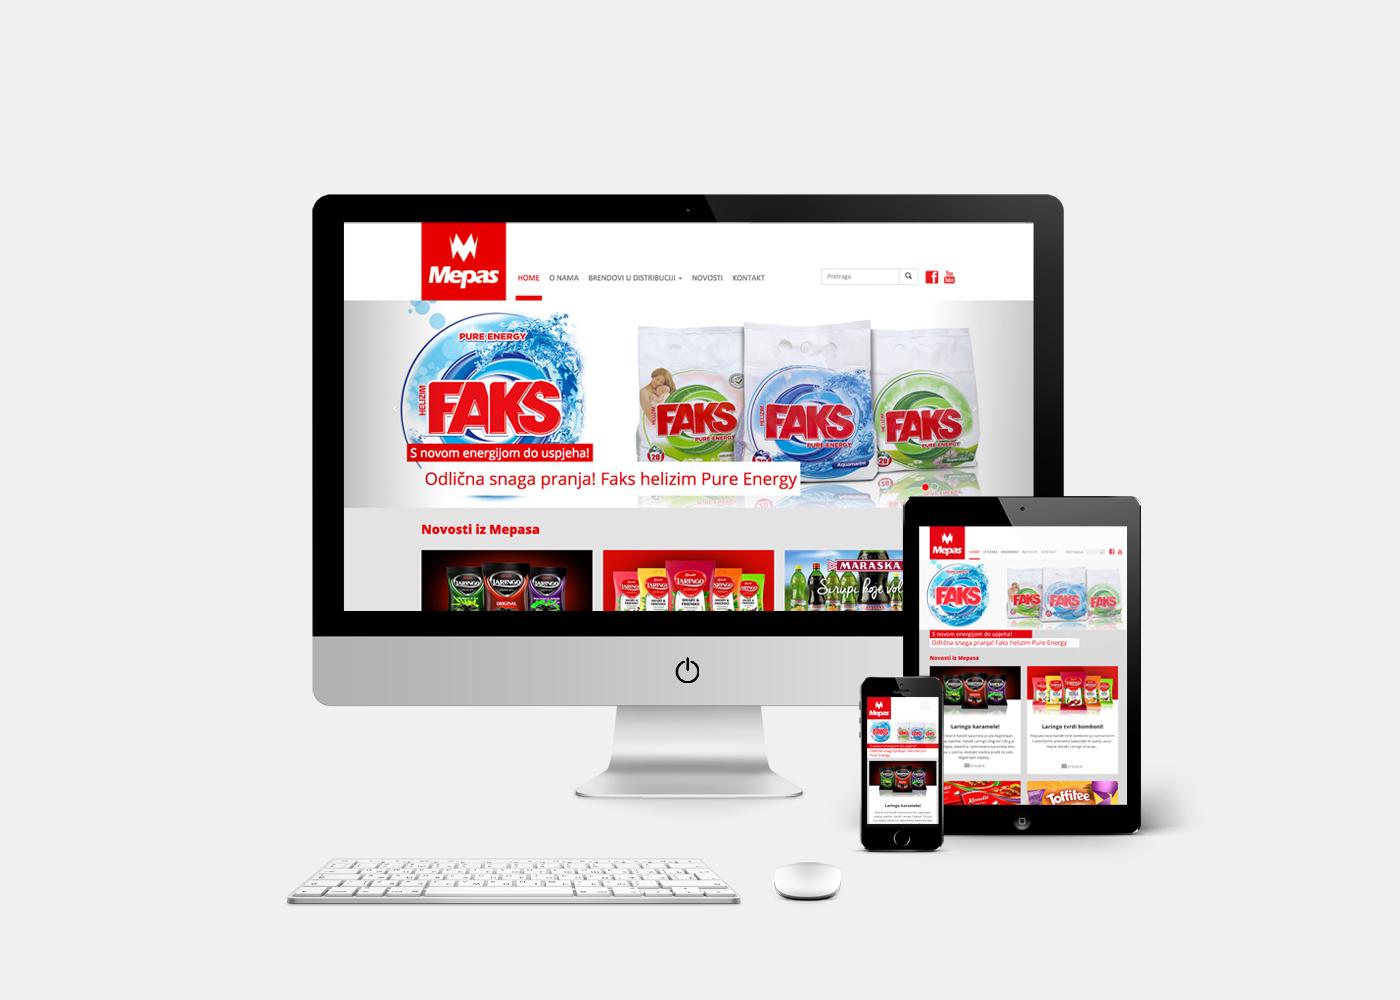 Dizajn web stranice tvrtke Mepas, Široki Brijeg